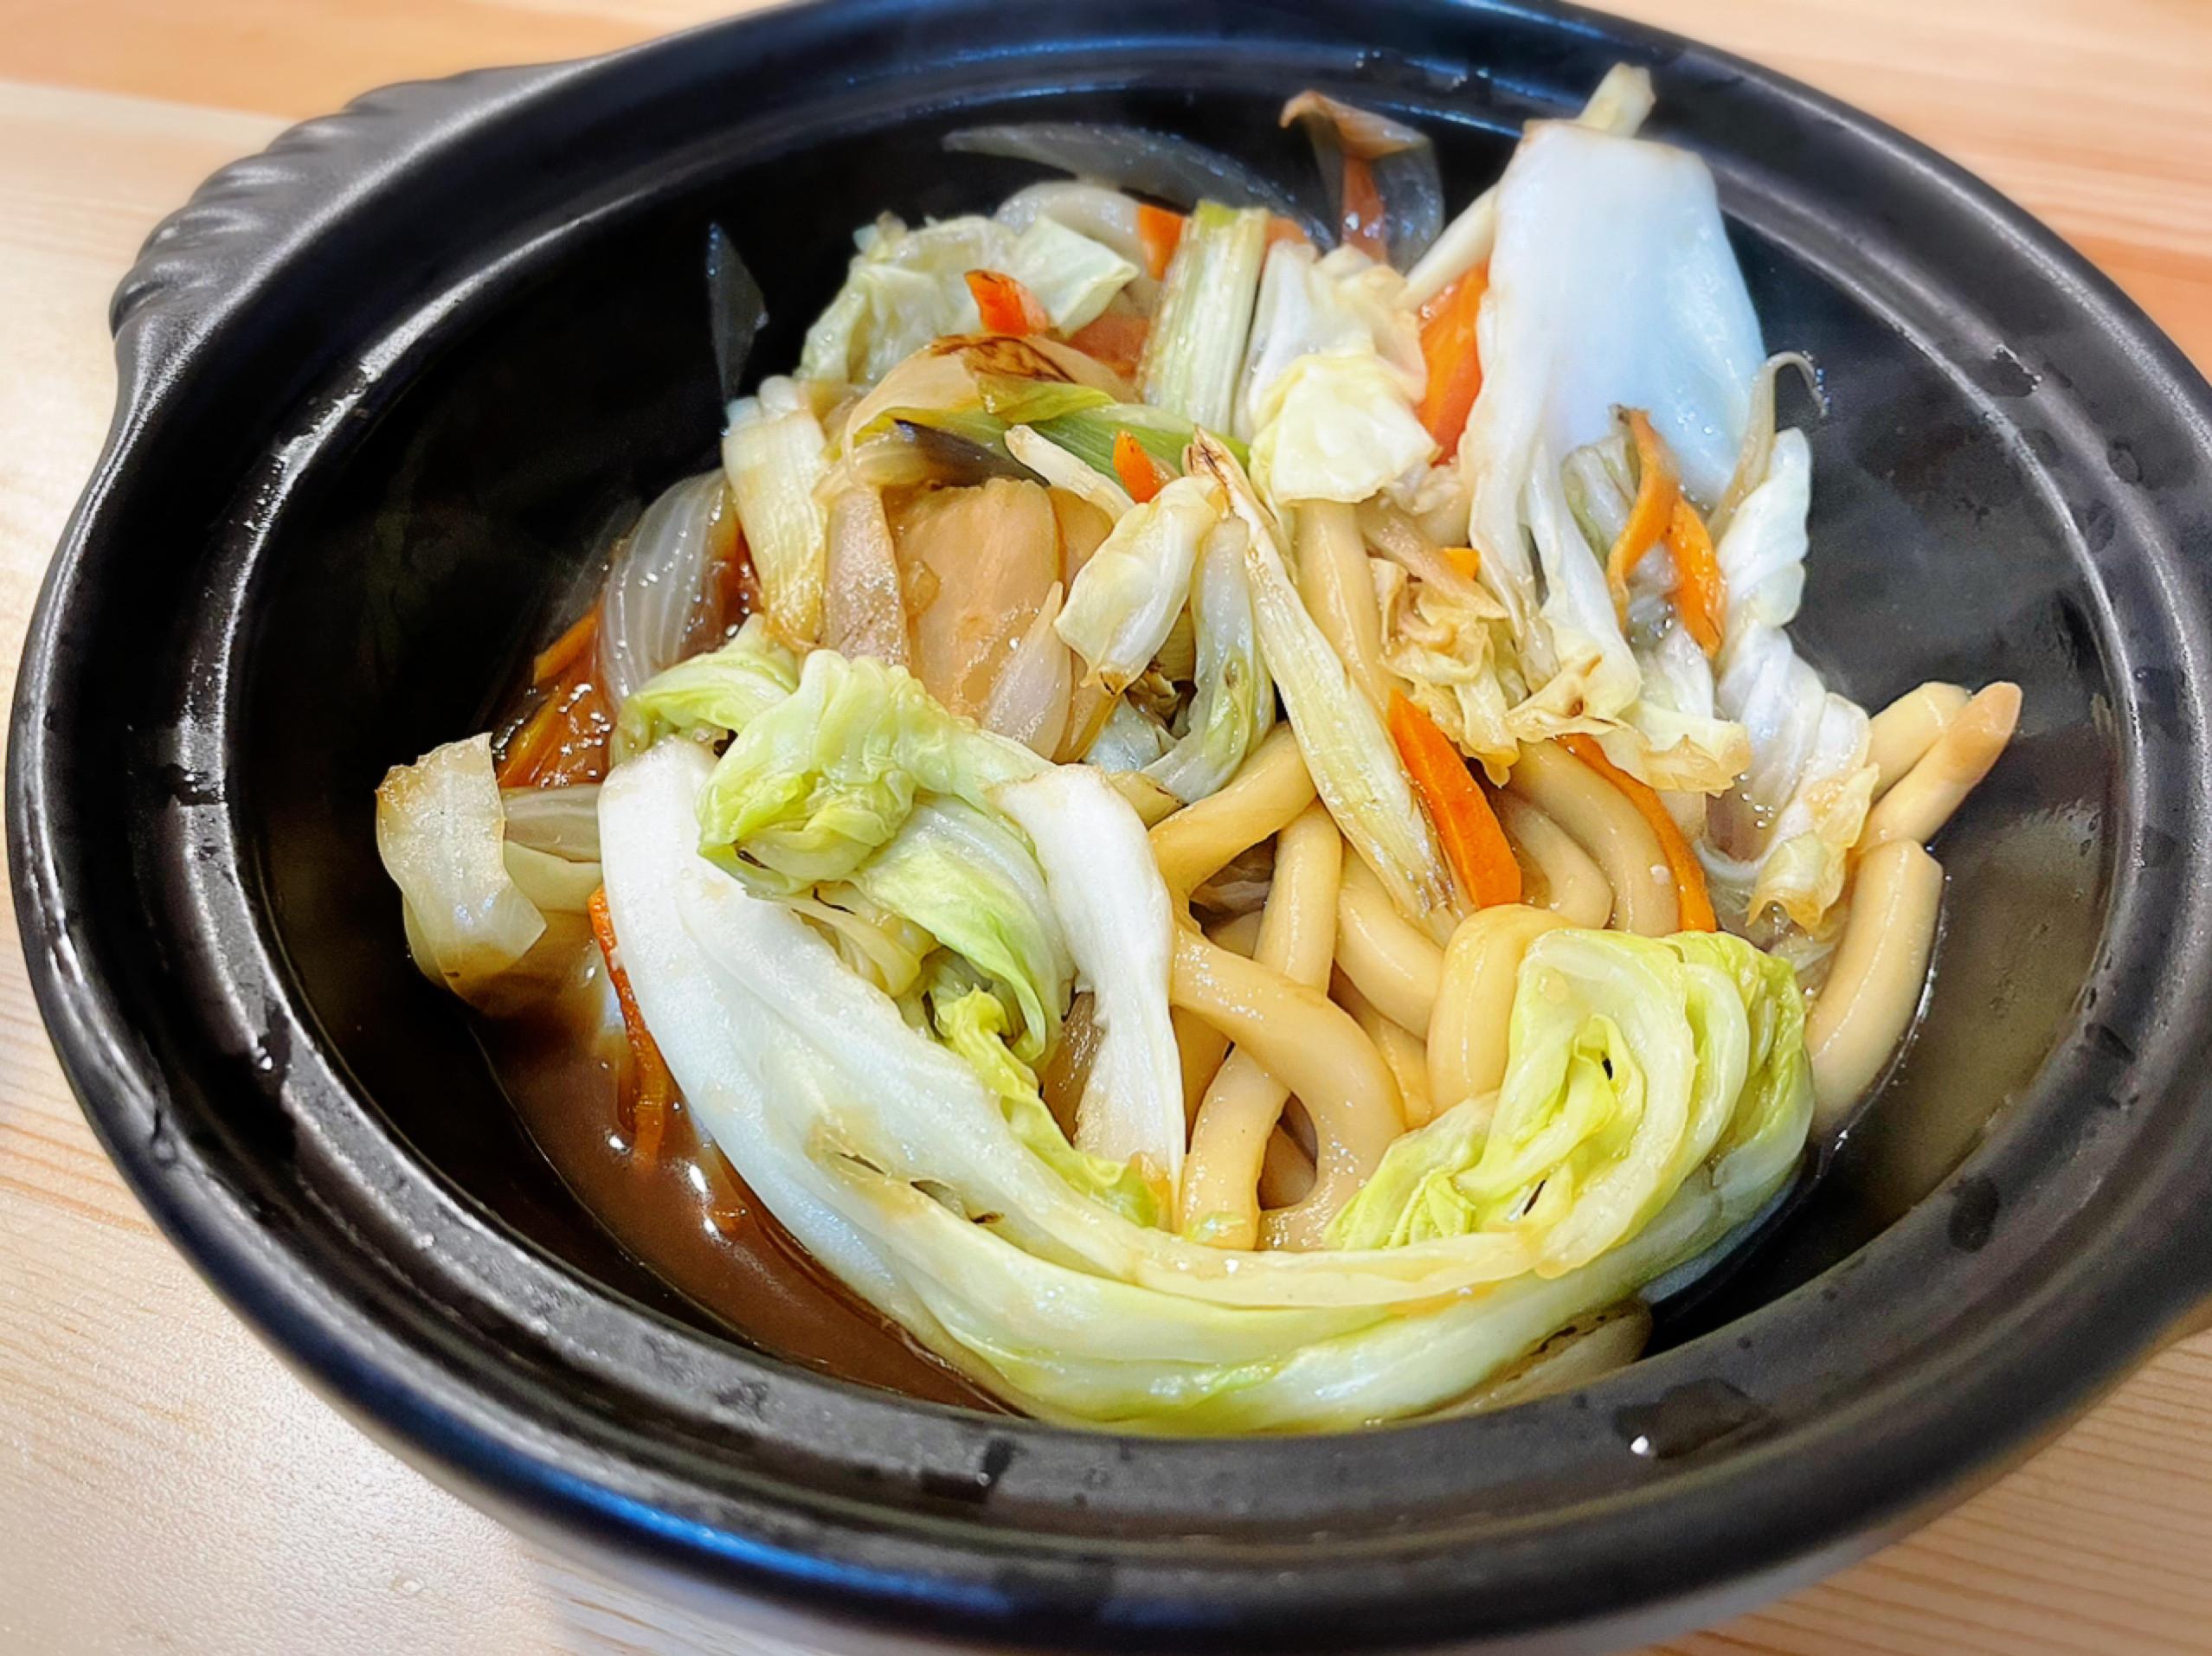 日式炒烏龍麵之醬汁過期給小孩吃剛好